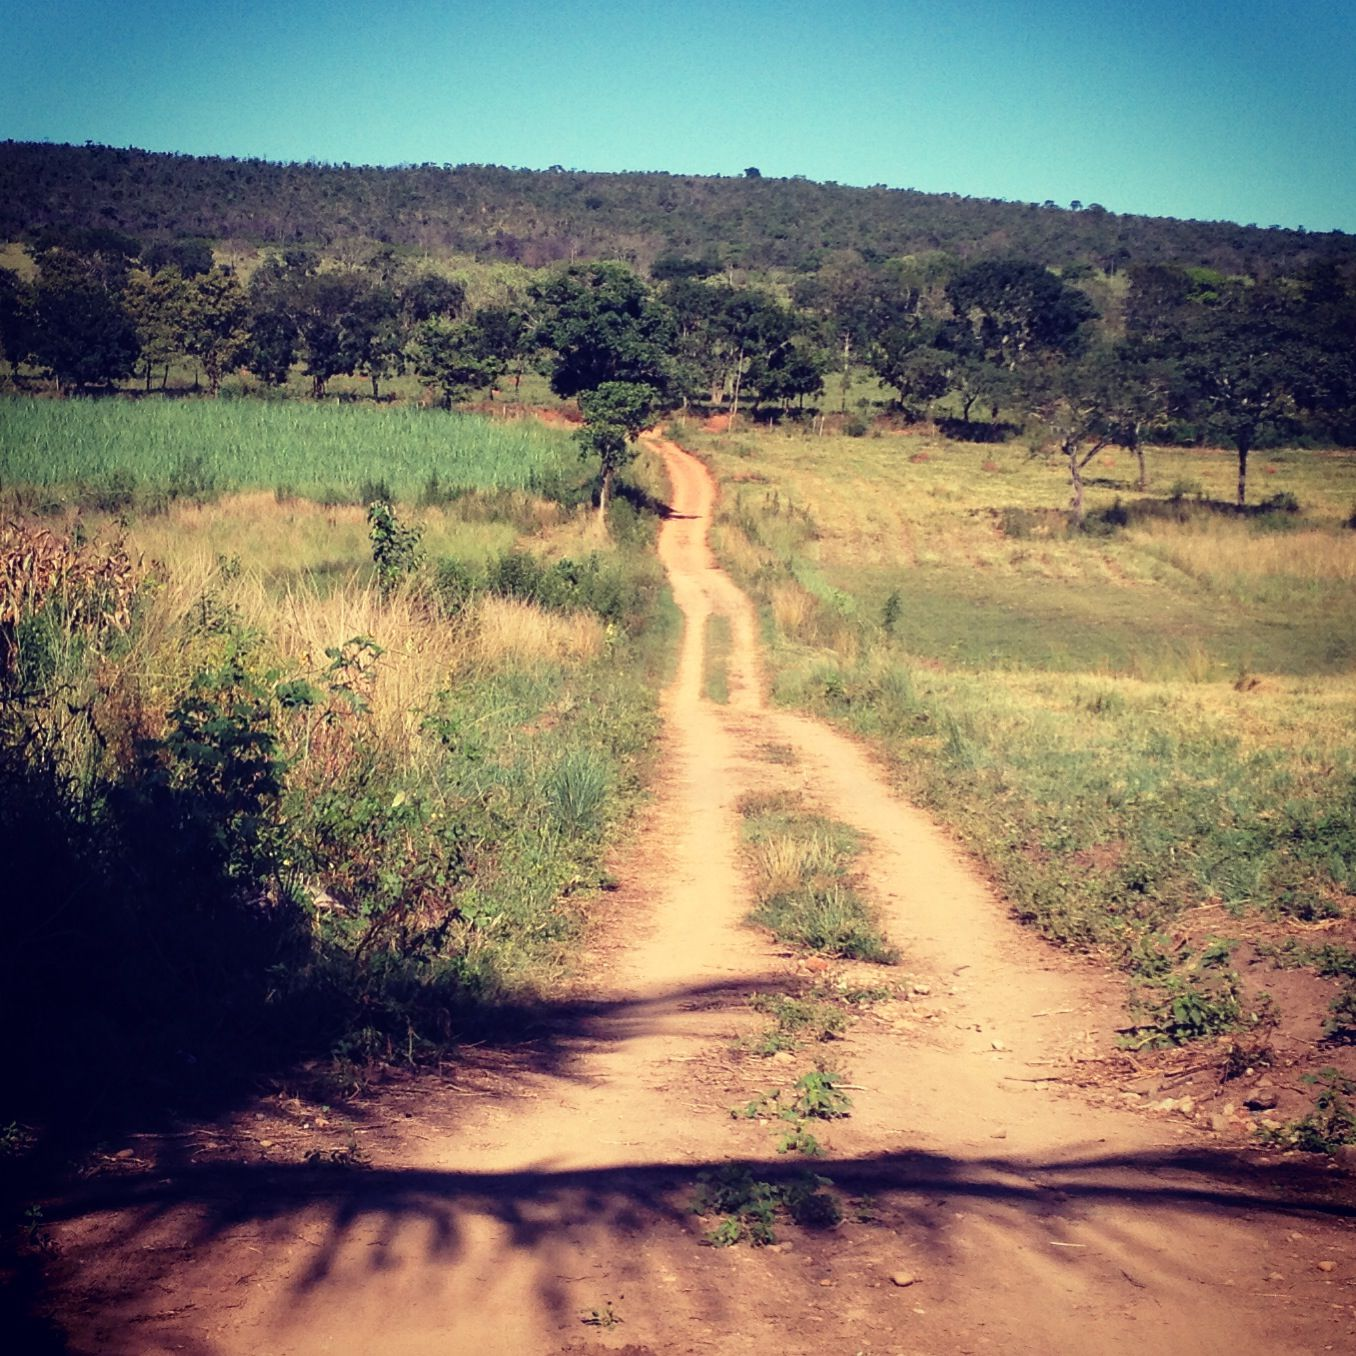 Fazenda Quati Minas Gerais Brasil Com Imagens Natureza